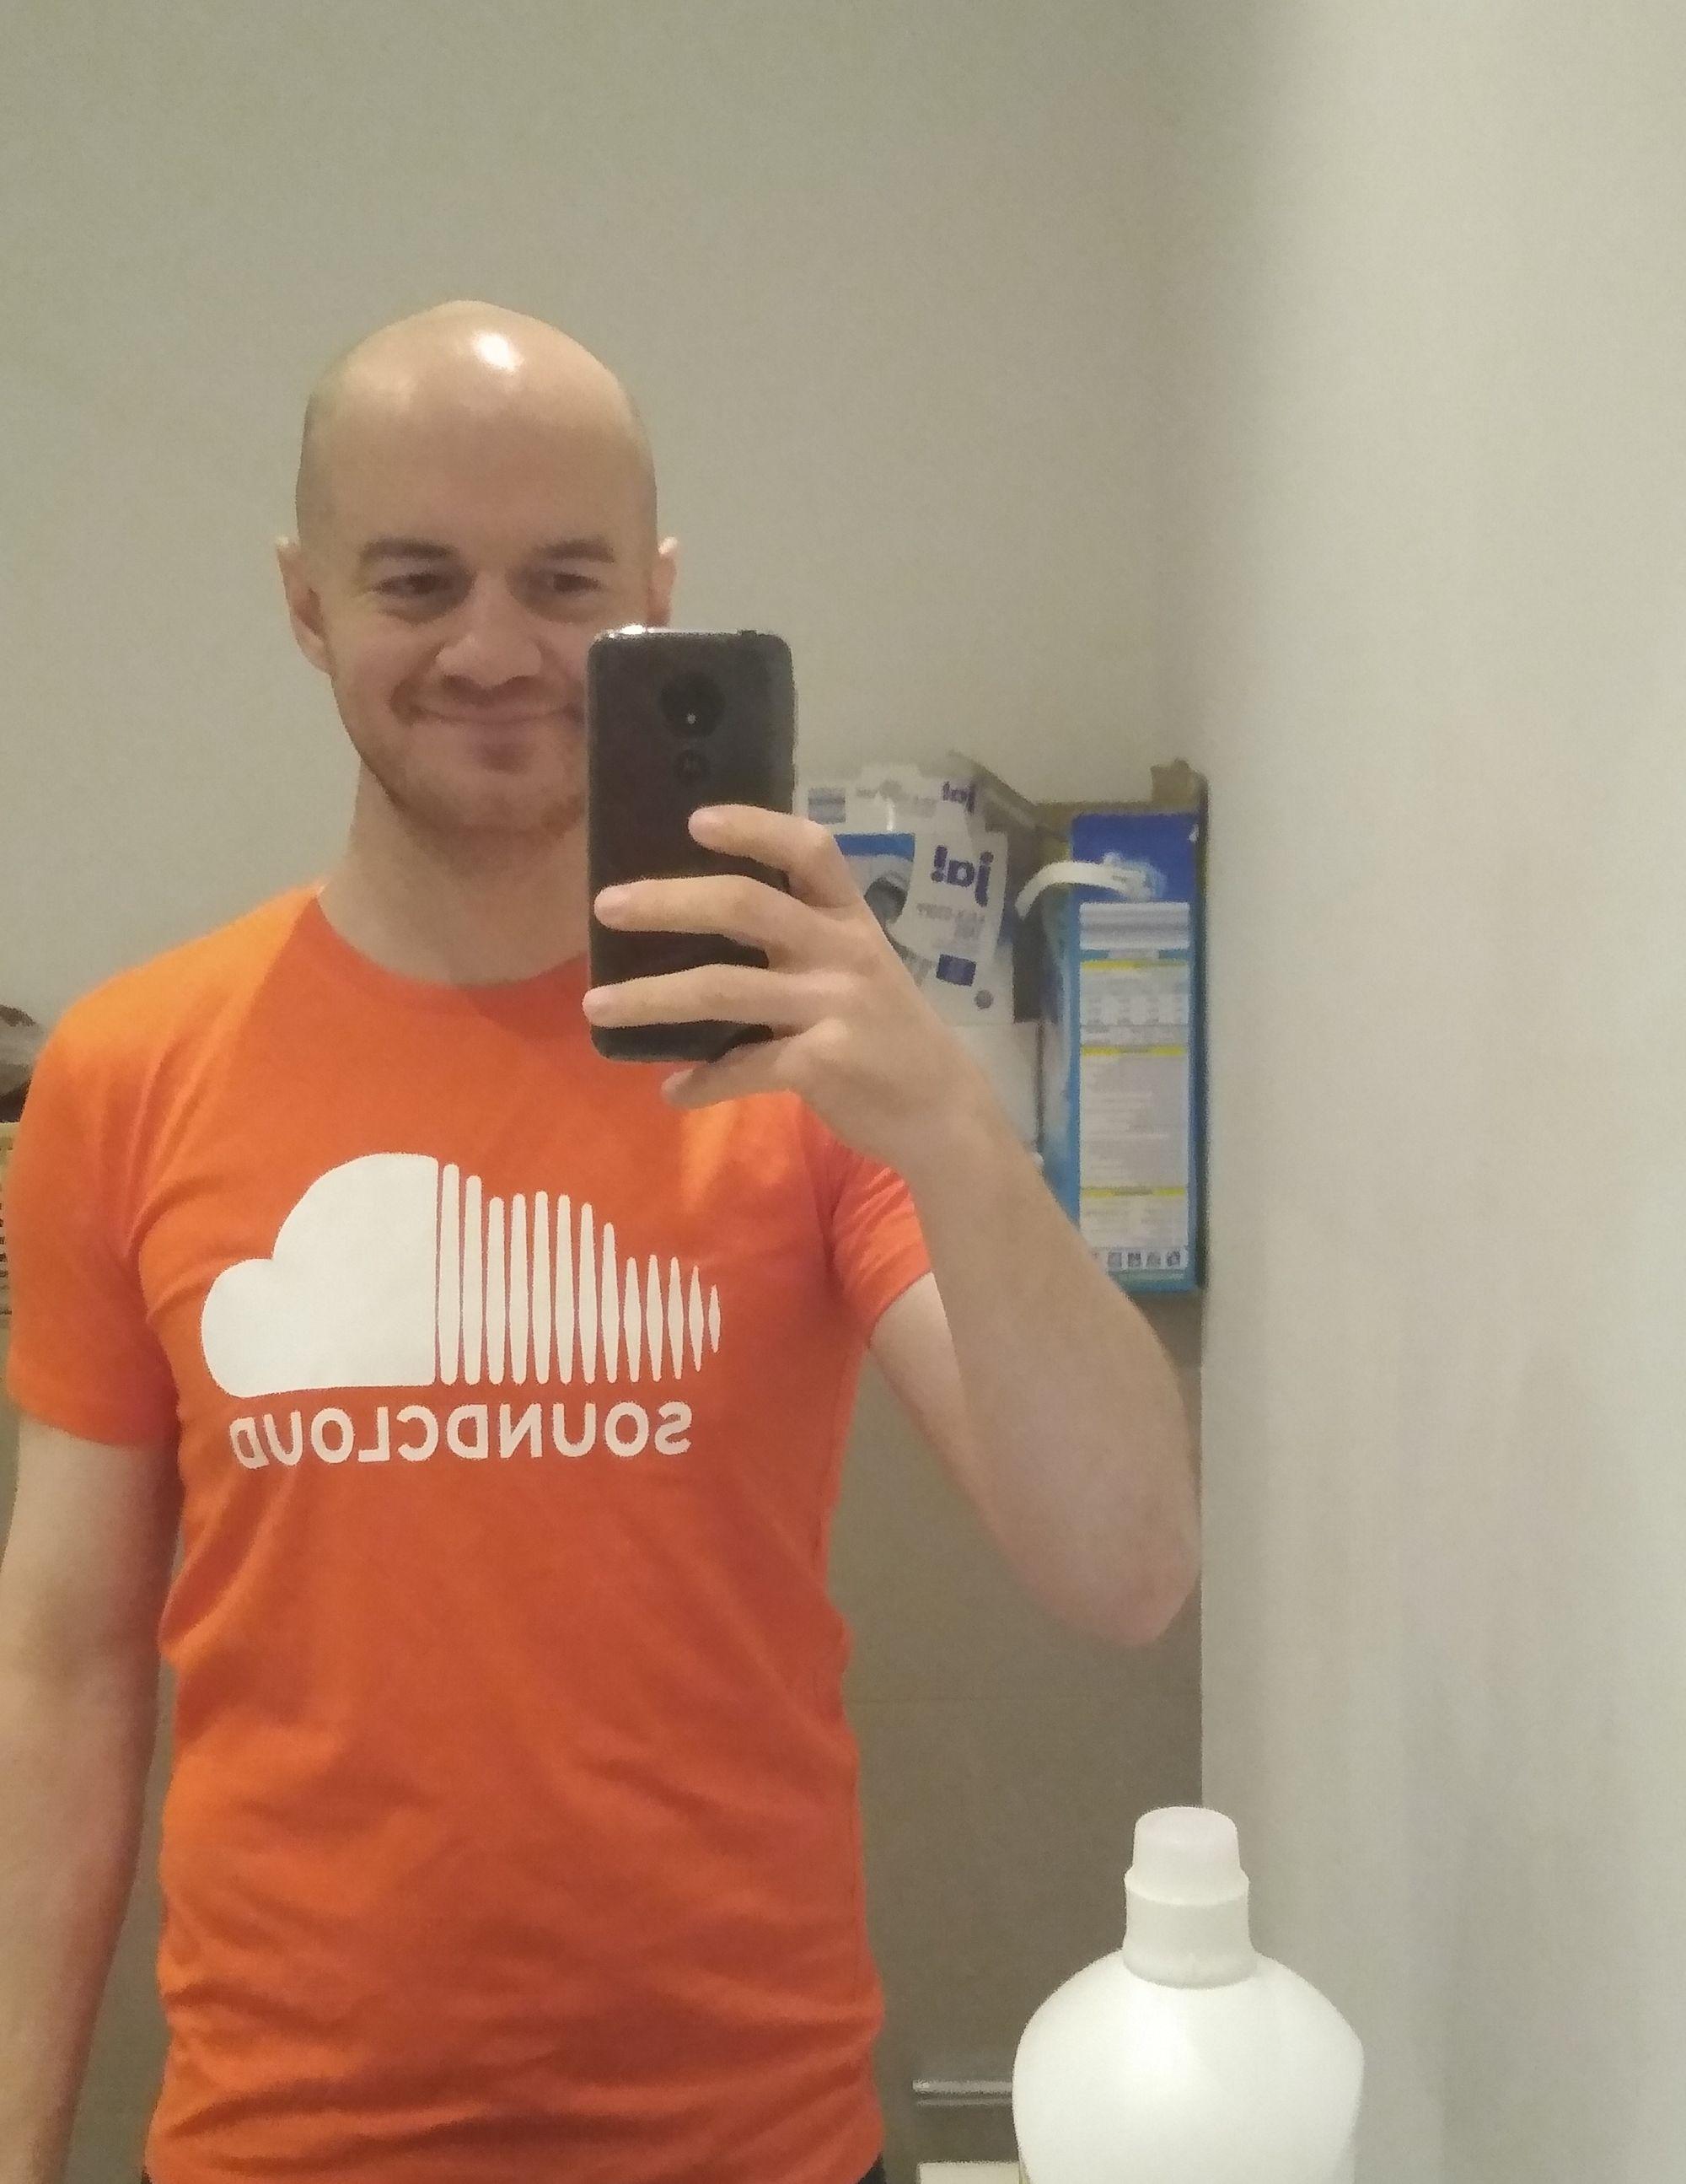 Soundcloud t shirt